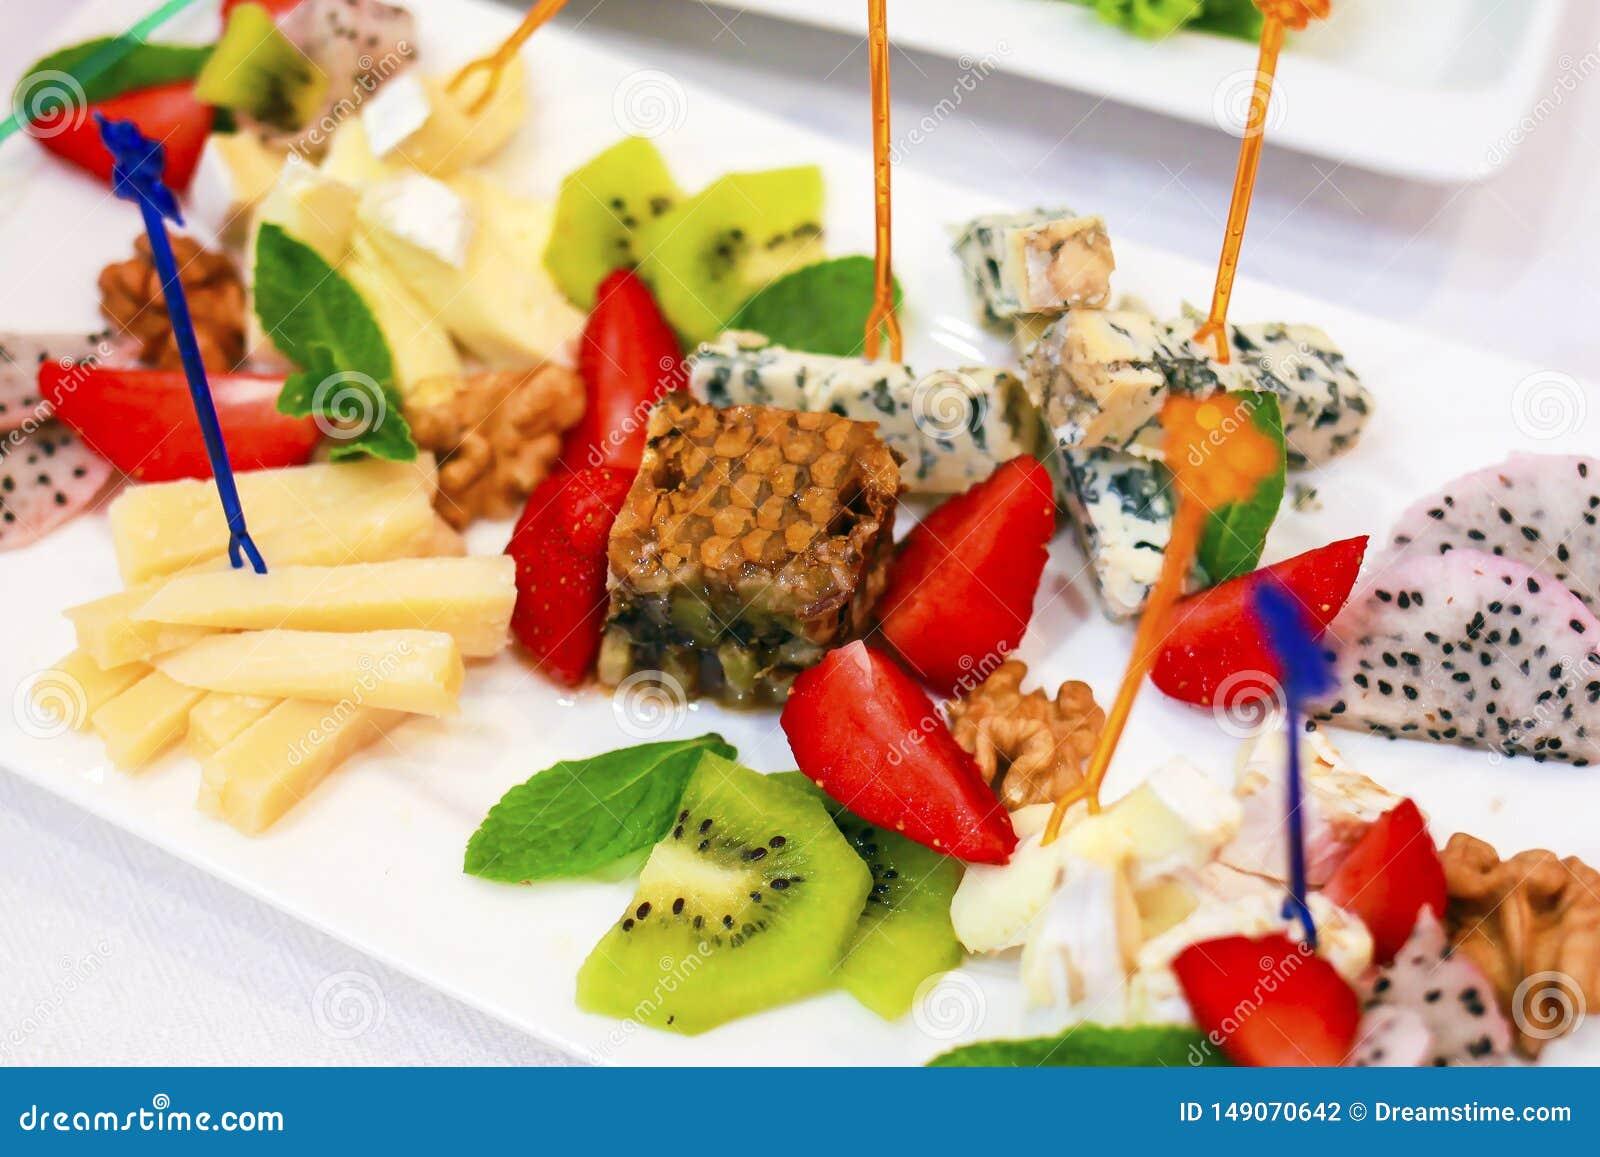 Το εύγευστο και όμορφο επιδόρπιο στο εστιατόριο έκανε από τους καρπούς του μελιού και του τυριού Τυρί ακτινίδιων φραουλών